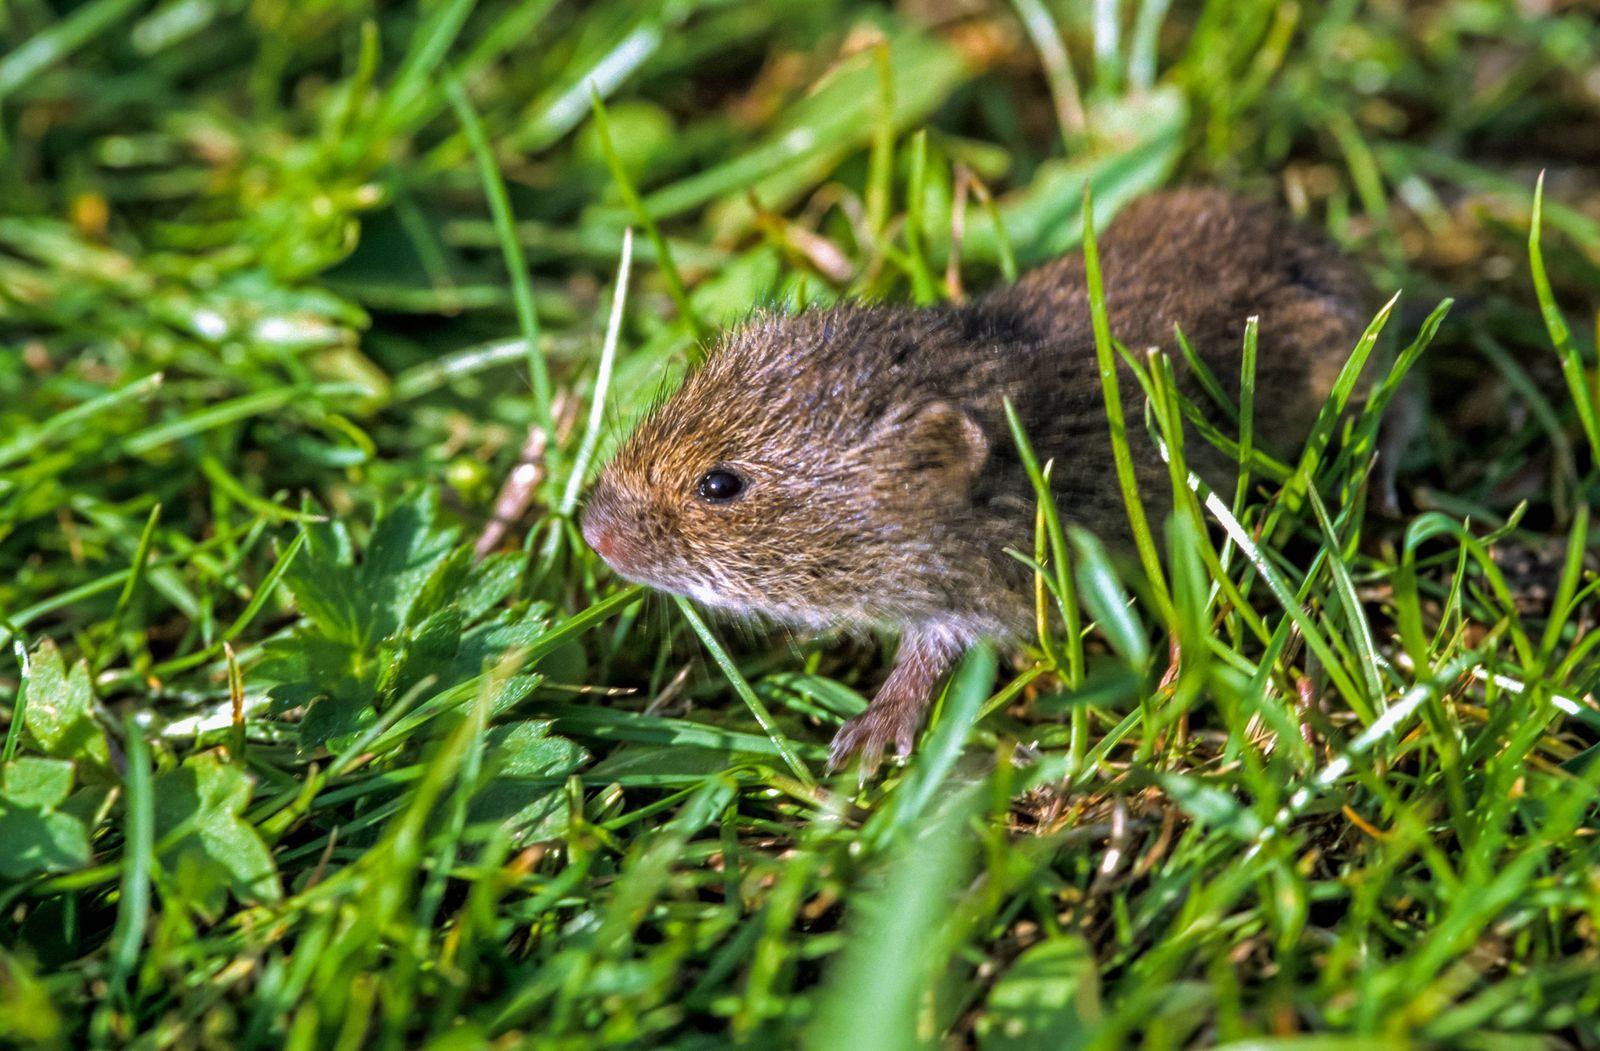 Feldmaus Feld Maus Microtus arvalis auf einer Wiese Deutschland NRW common vole Microtus arva